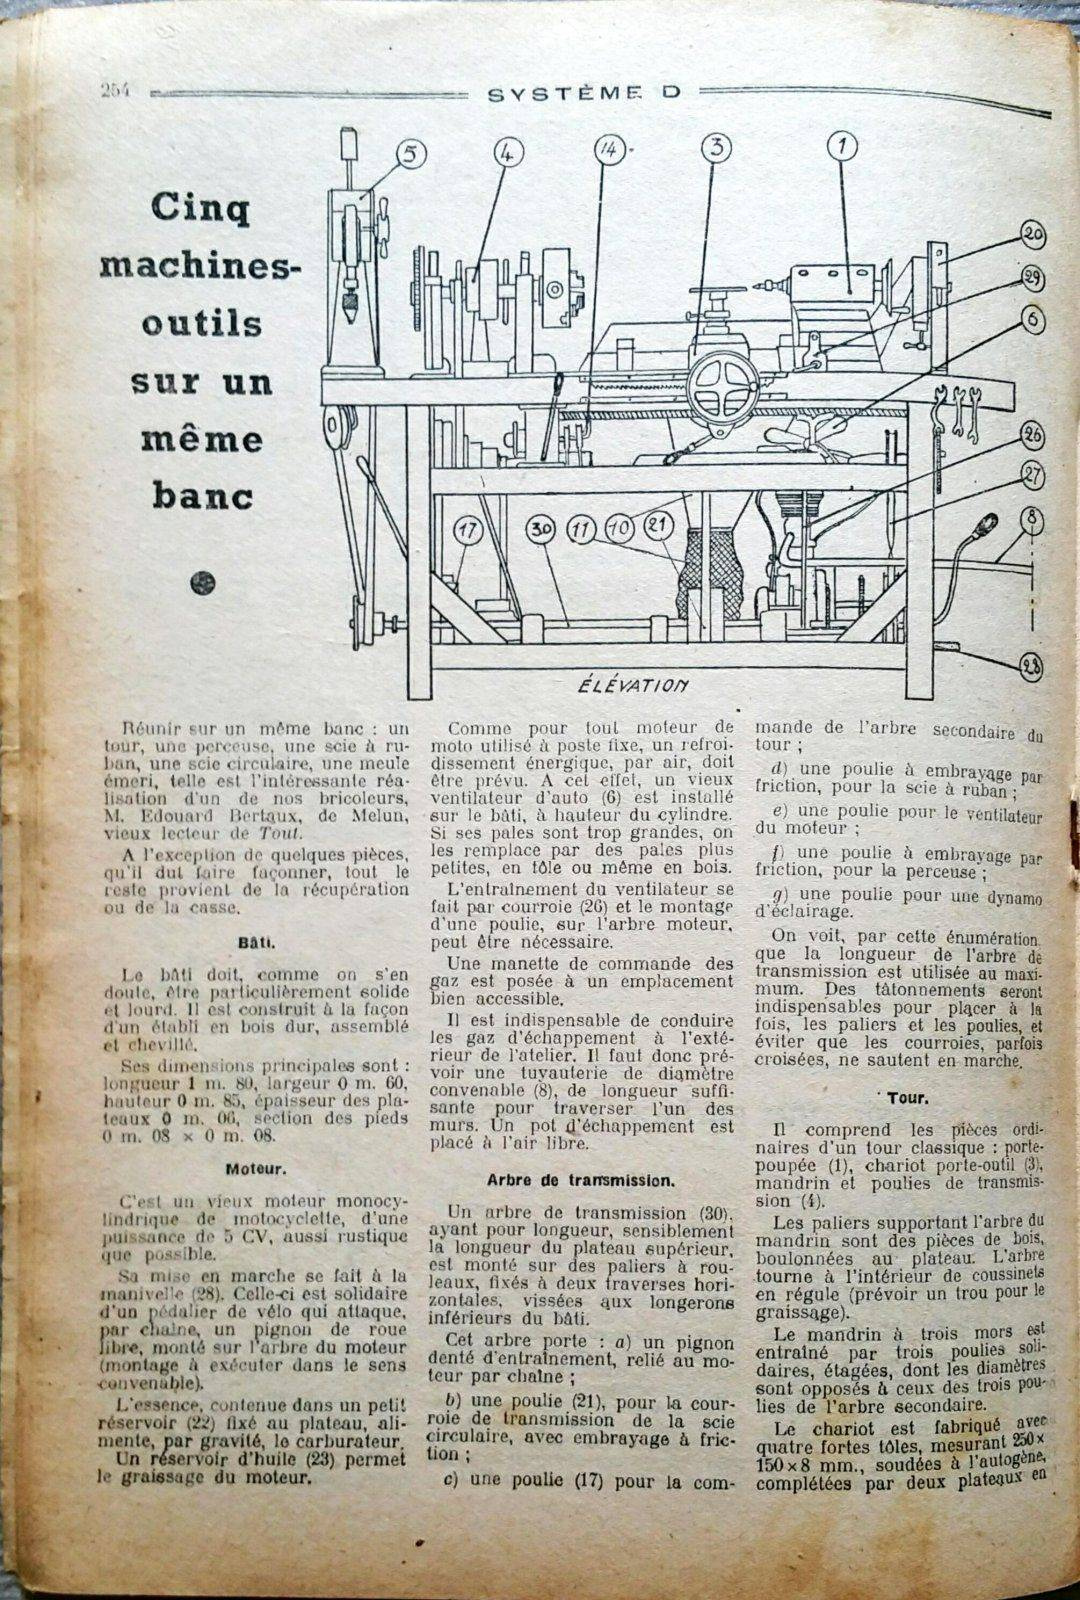 5 machines sur un même banc SD 60 1950 (1).jpg